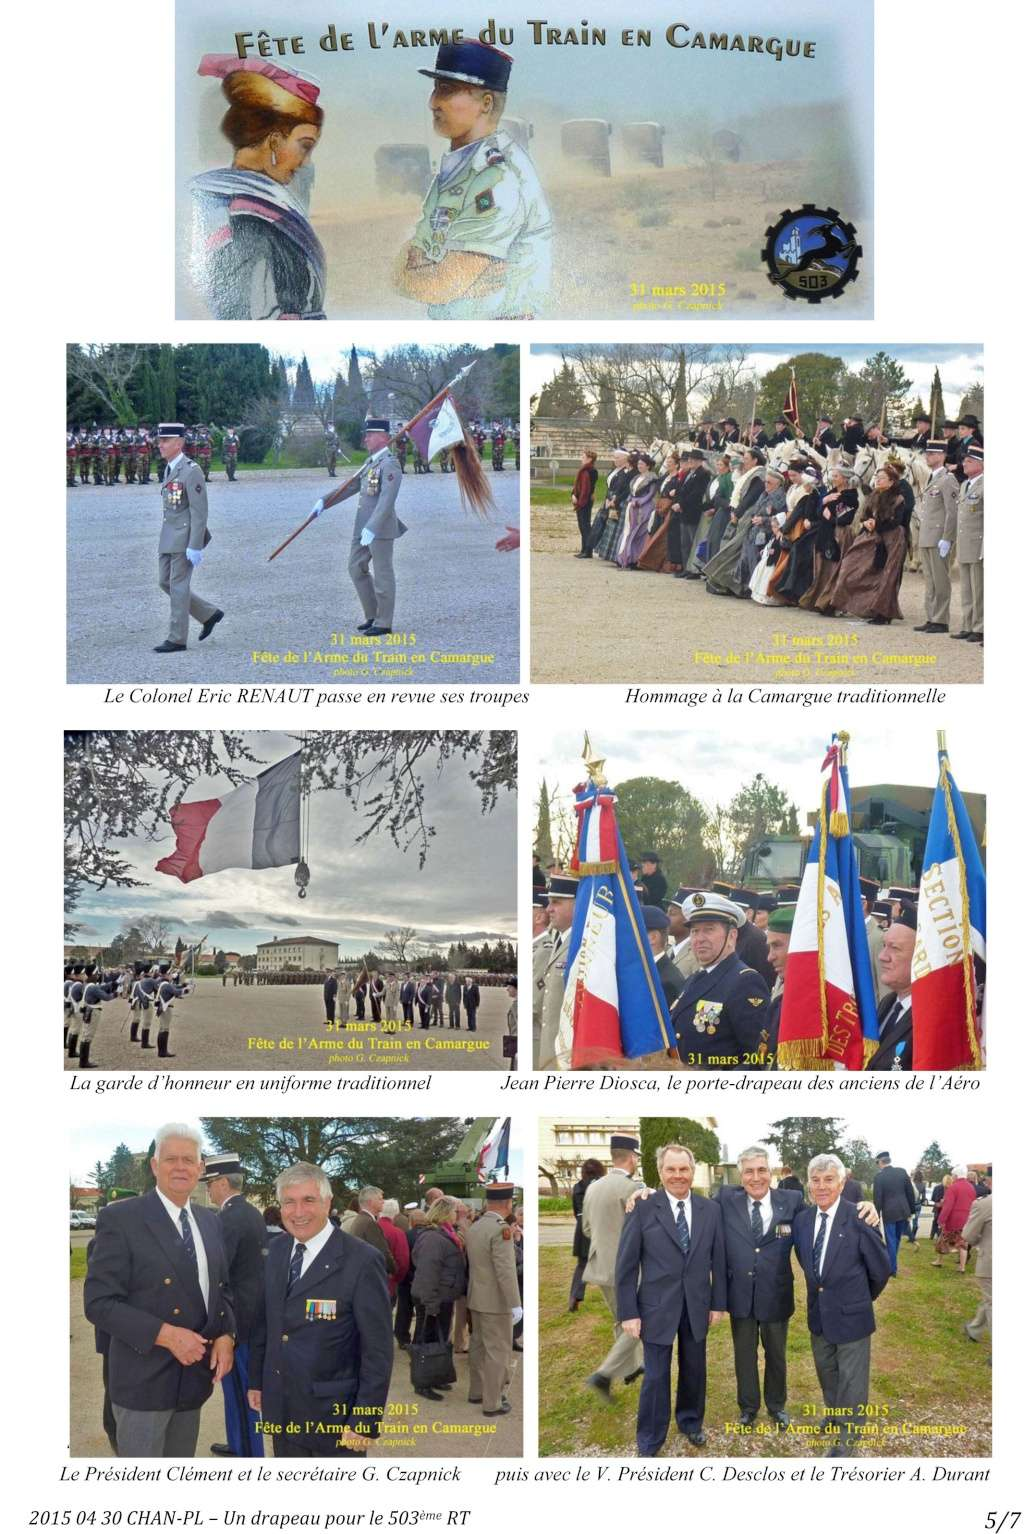 [Associations anciens marins] C.H.A.N.-Nîmes (Conservatoire Historique de l'Aéronavale-Nîmes) - Page 3 2015_017